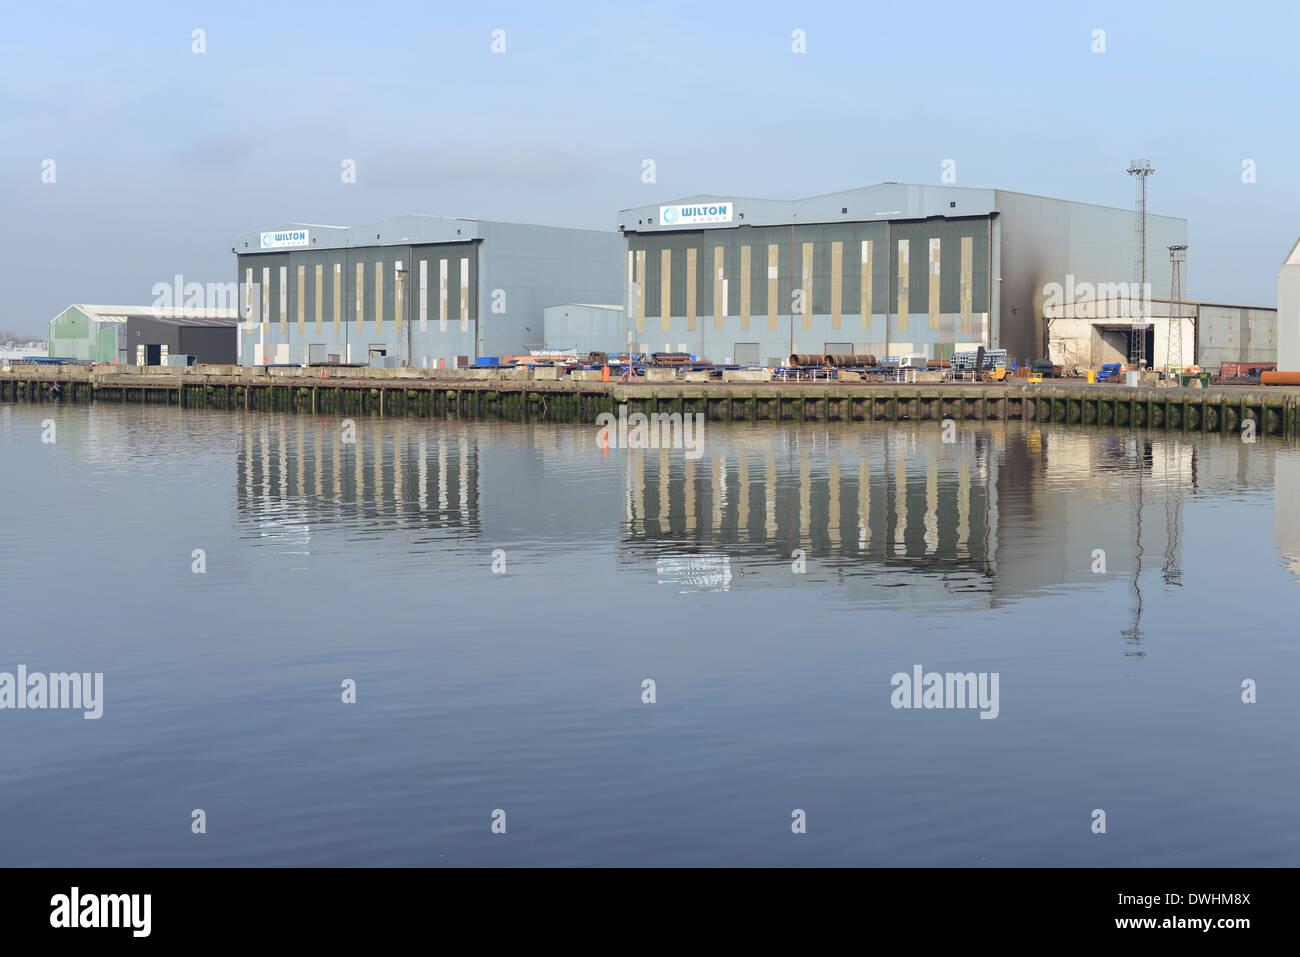 Wilton Grupo Fabricação offshore oficinas. Port Clarence, Middlesbrough, Reino Unido Imagens de Stock